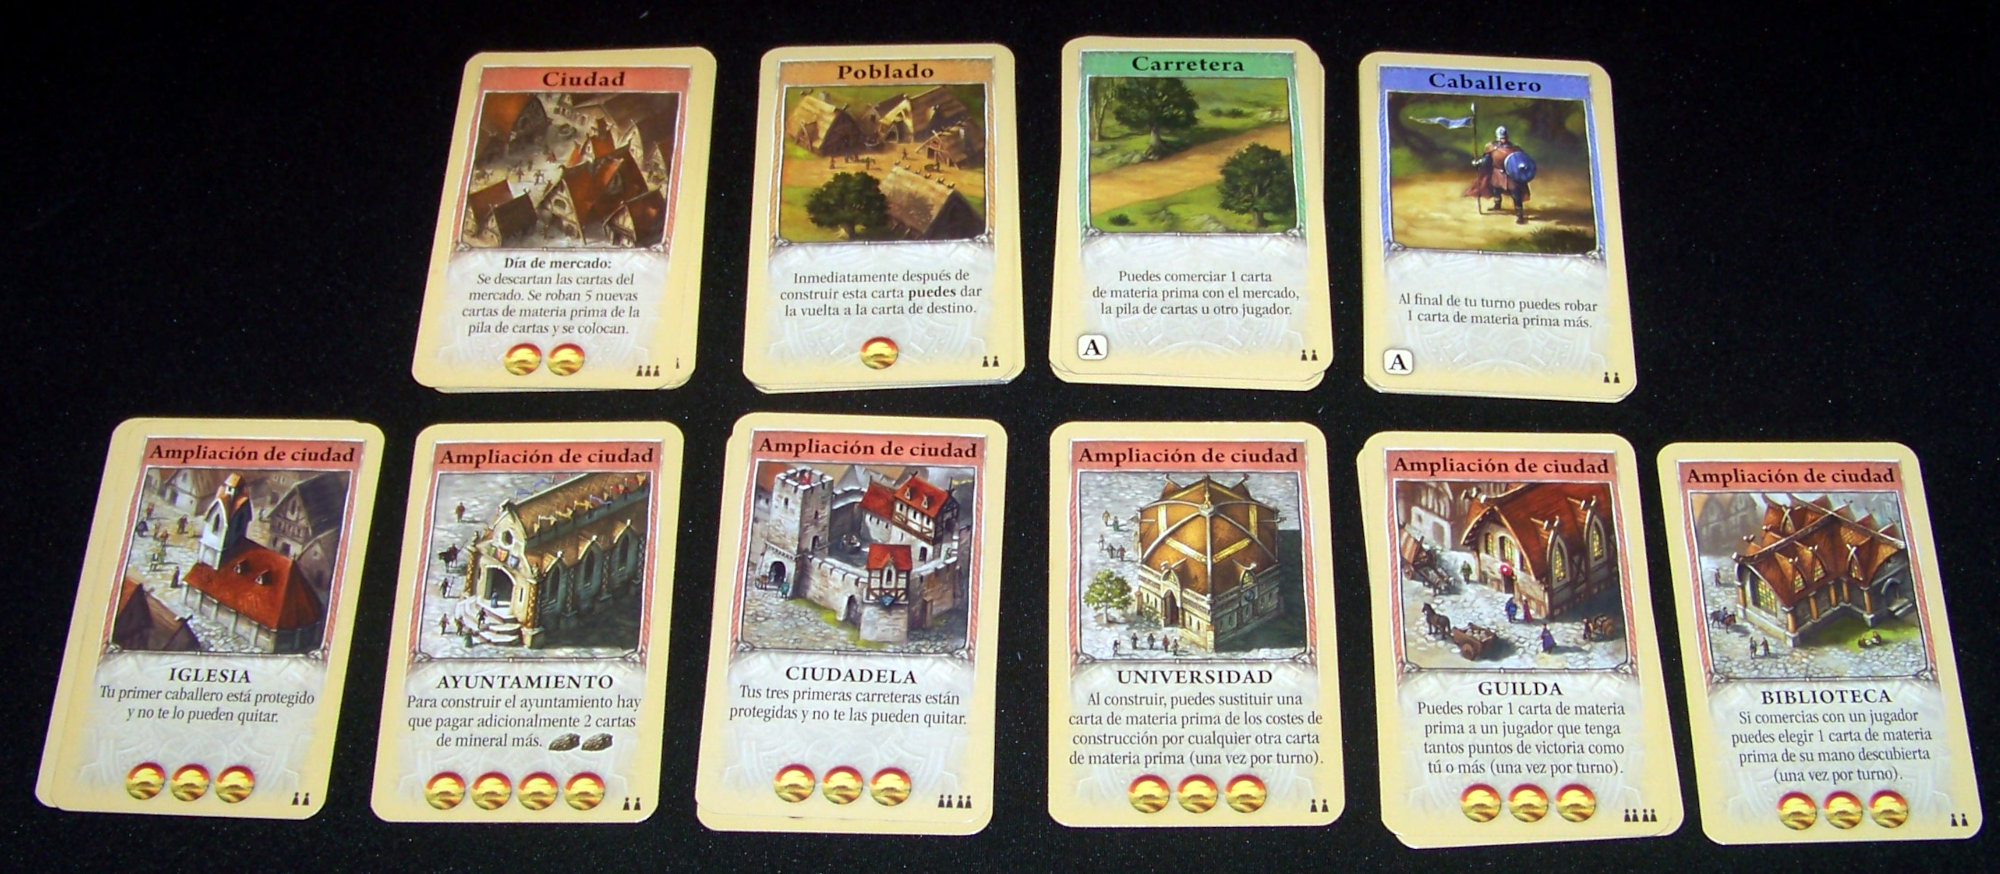 Juego de mesa Catán, el juego de cartas - detalle de las cartas de construcción